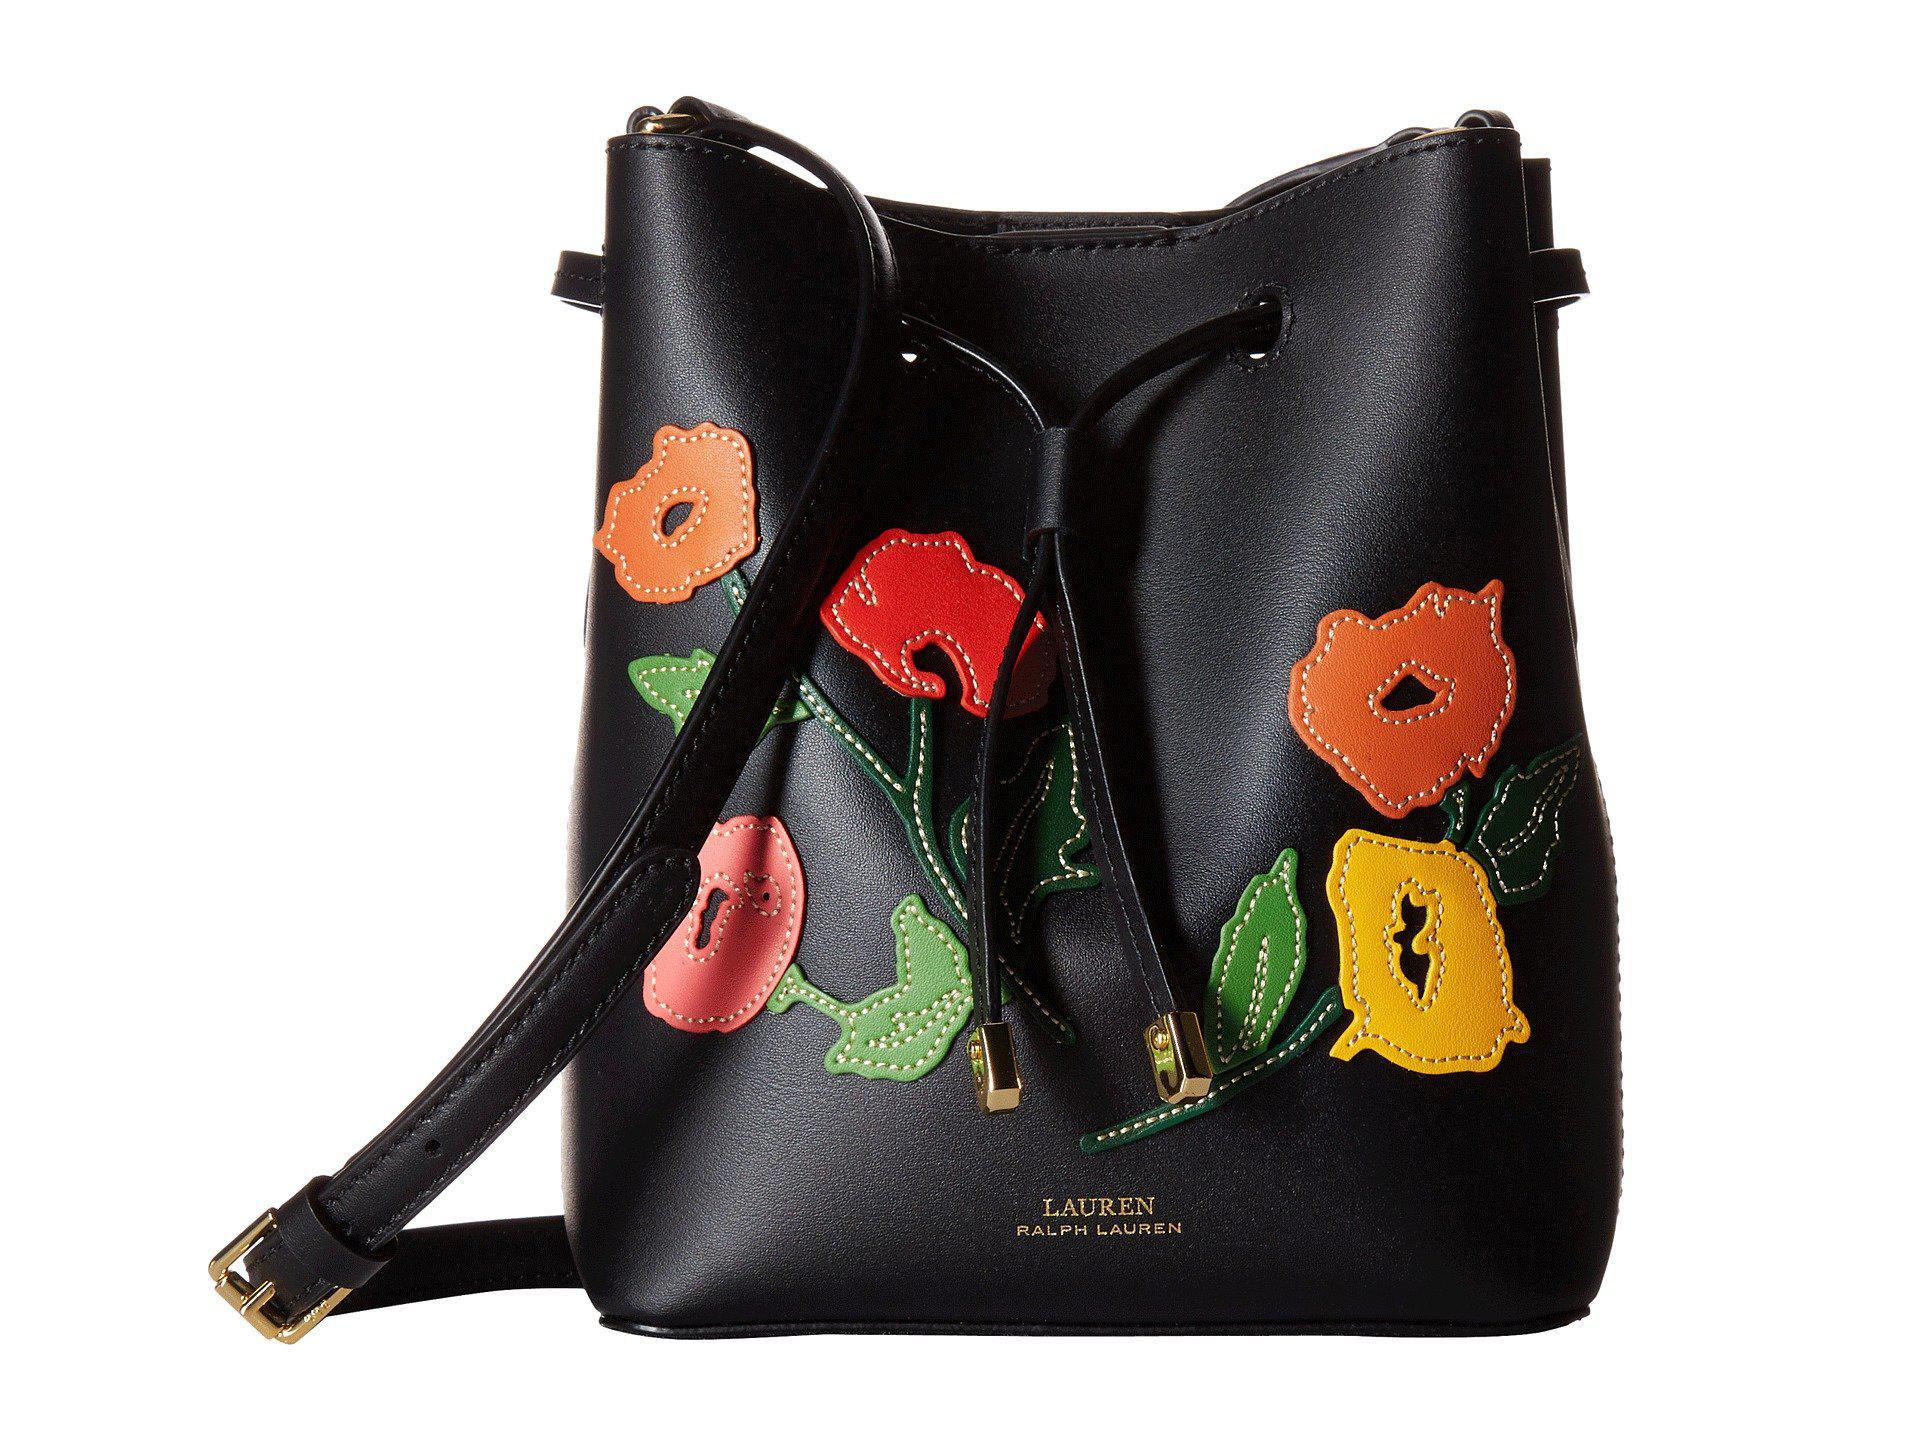 2866322c40 Lyst - Lauren by Ralph Lauren Dryden Debby Ii Mini Drawstring in Black